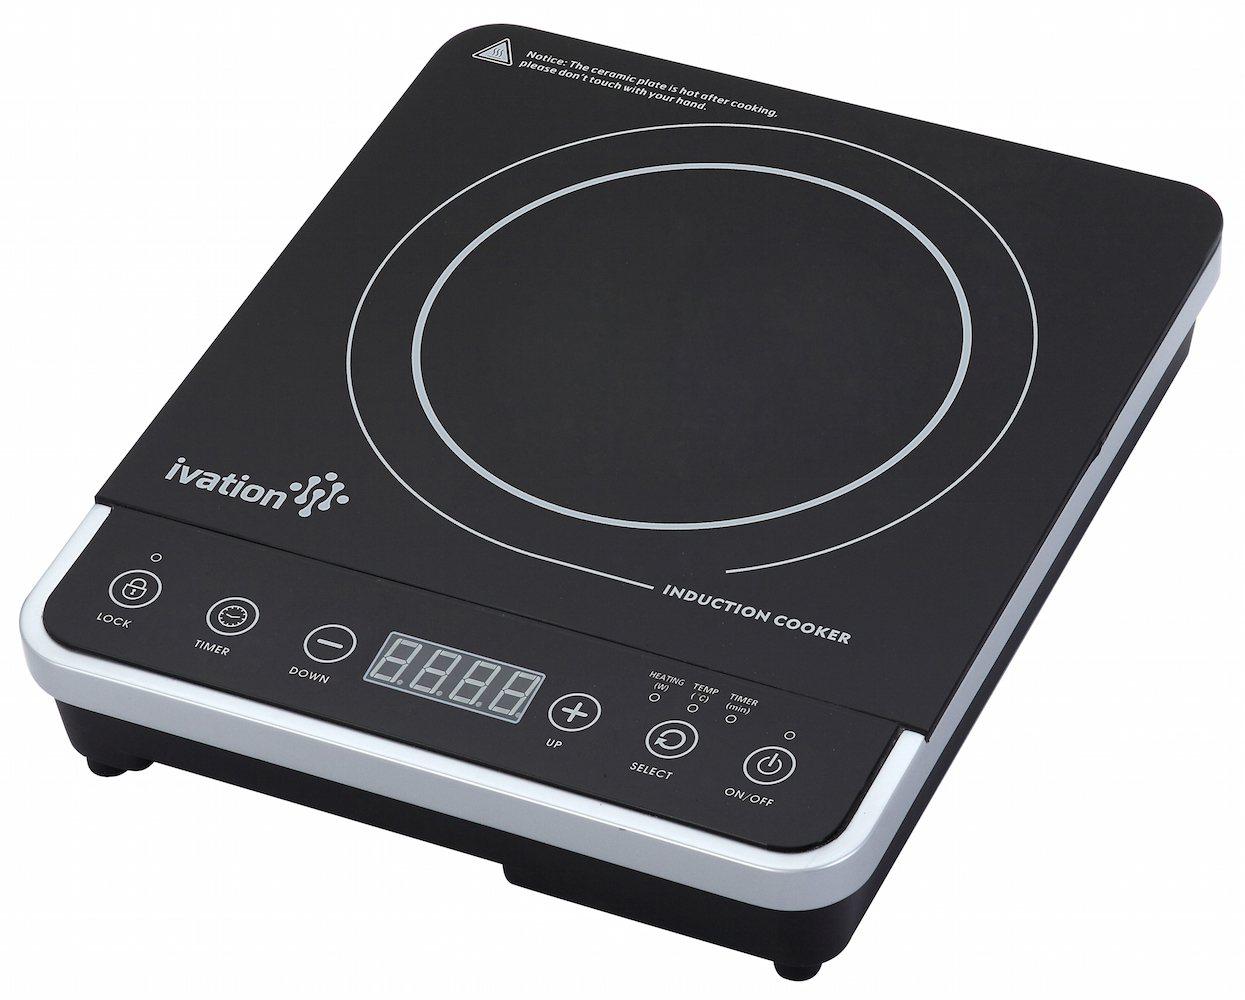 ivation-1800-watt-portable-induction-countertop-cooktop-burner-02